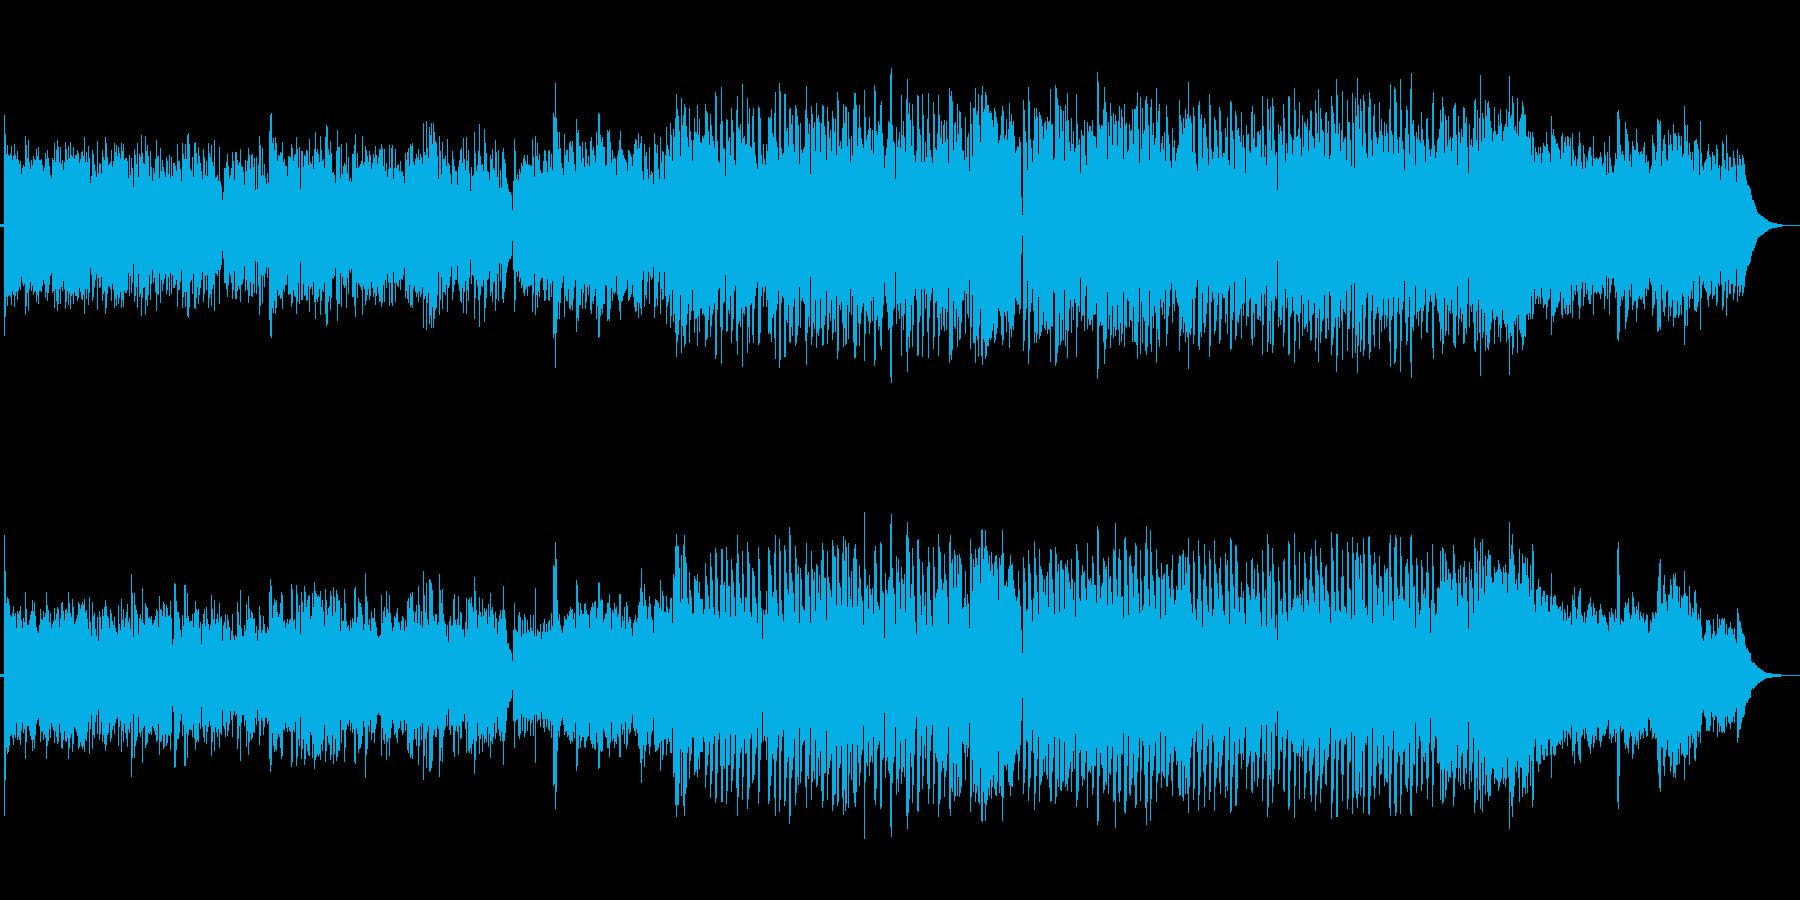 田舎道を歩くようなアコギ主体ののどかな曲の再生済みの波形